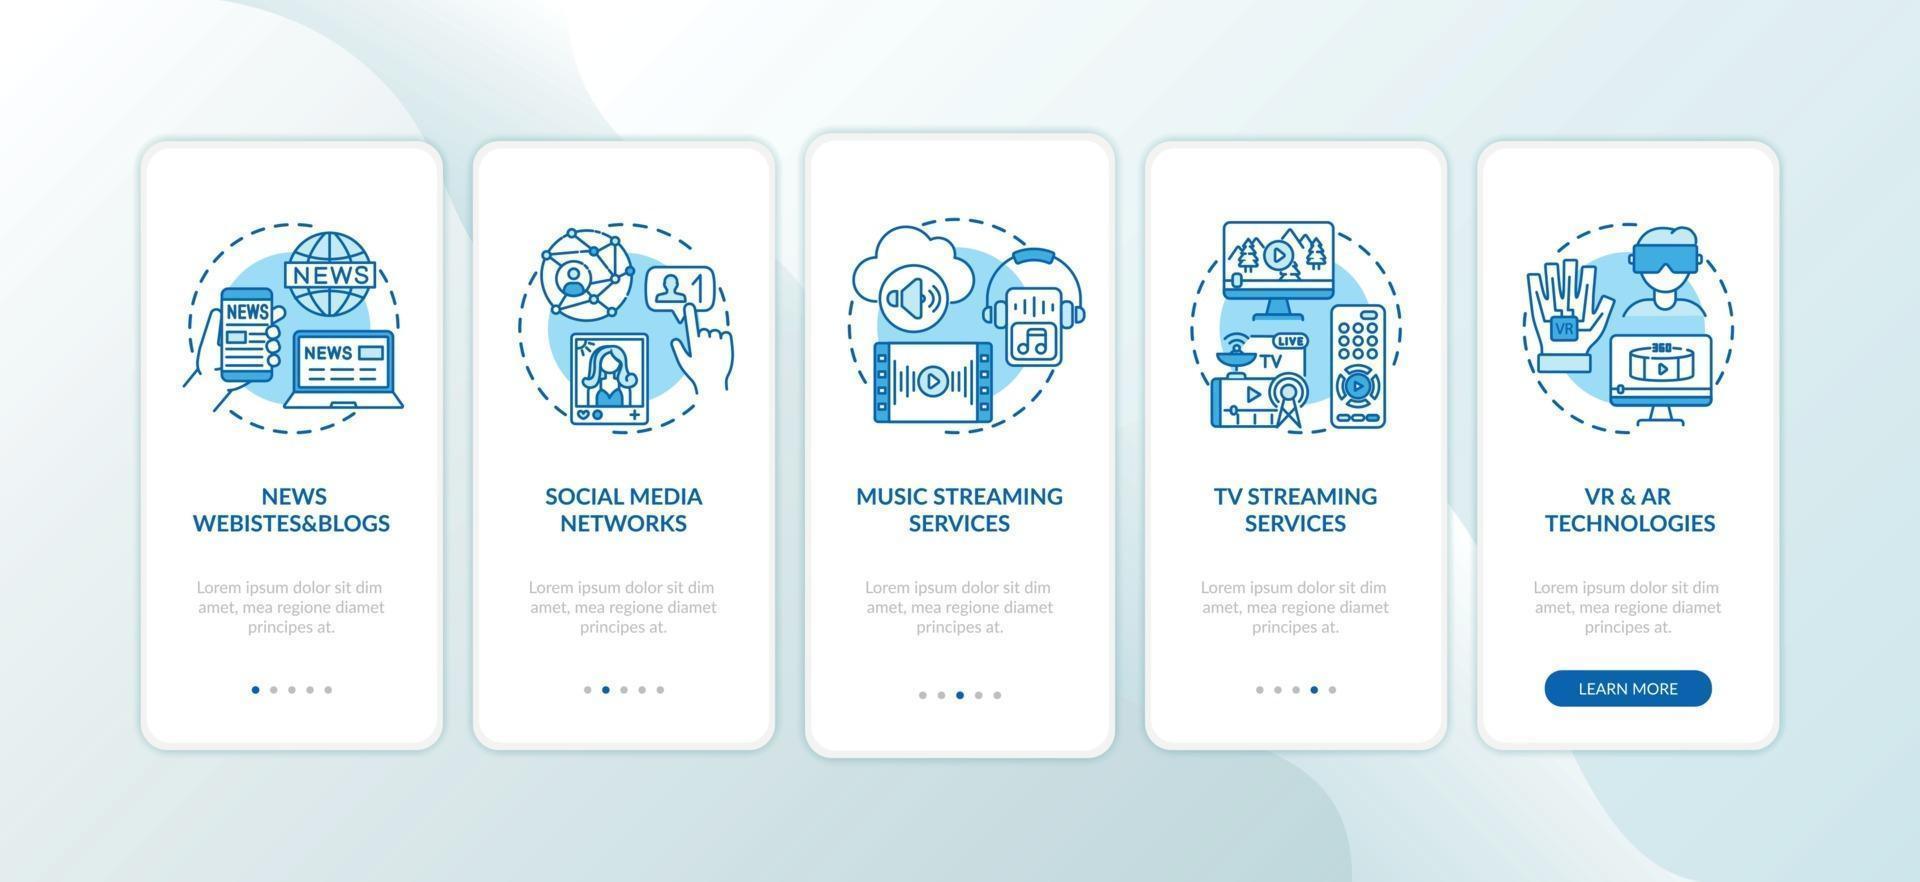 novos tipos de mídia integrando a tela da página do aplicativo móvel com conceitos vetor